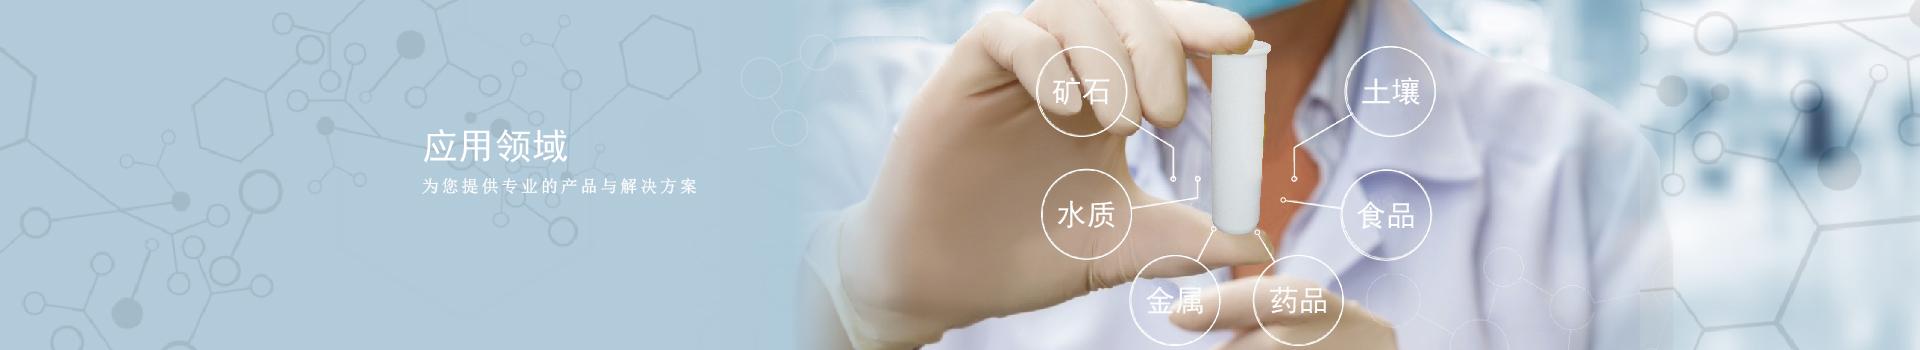 行业应用-广州仪德